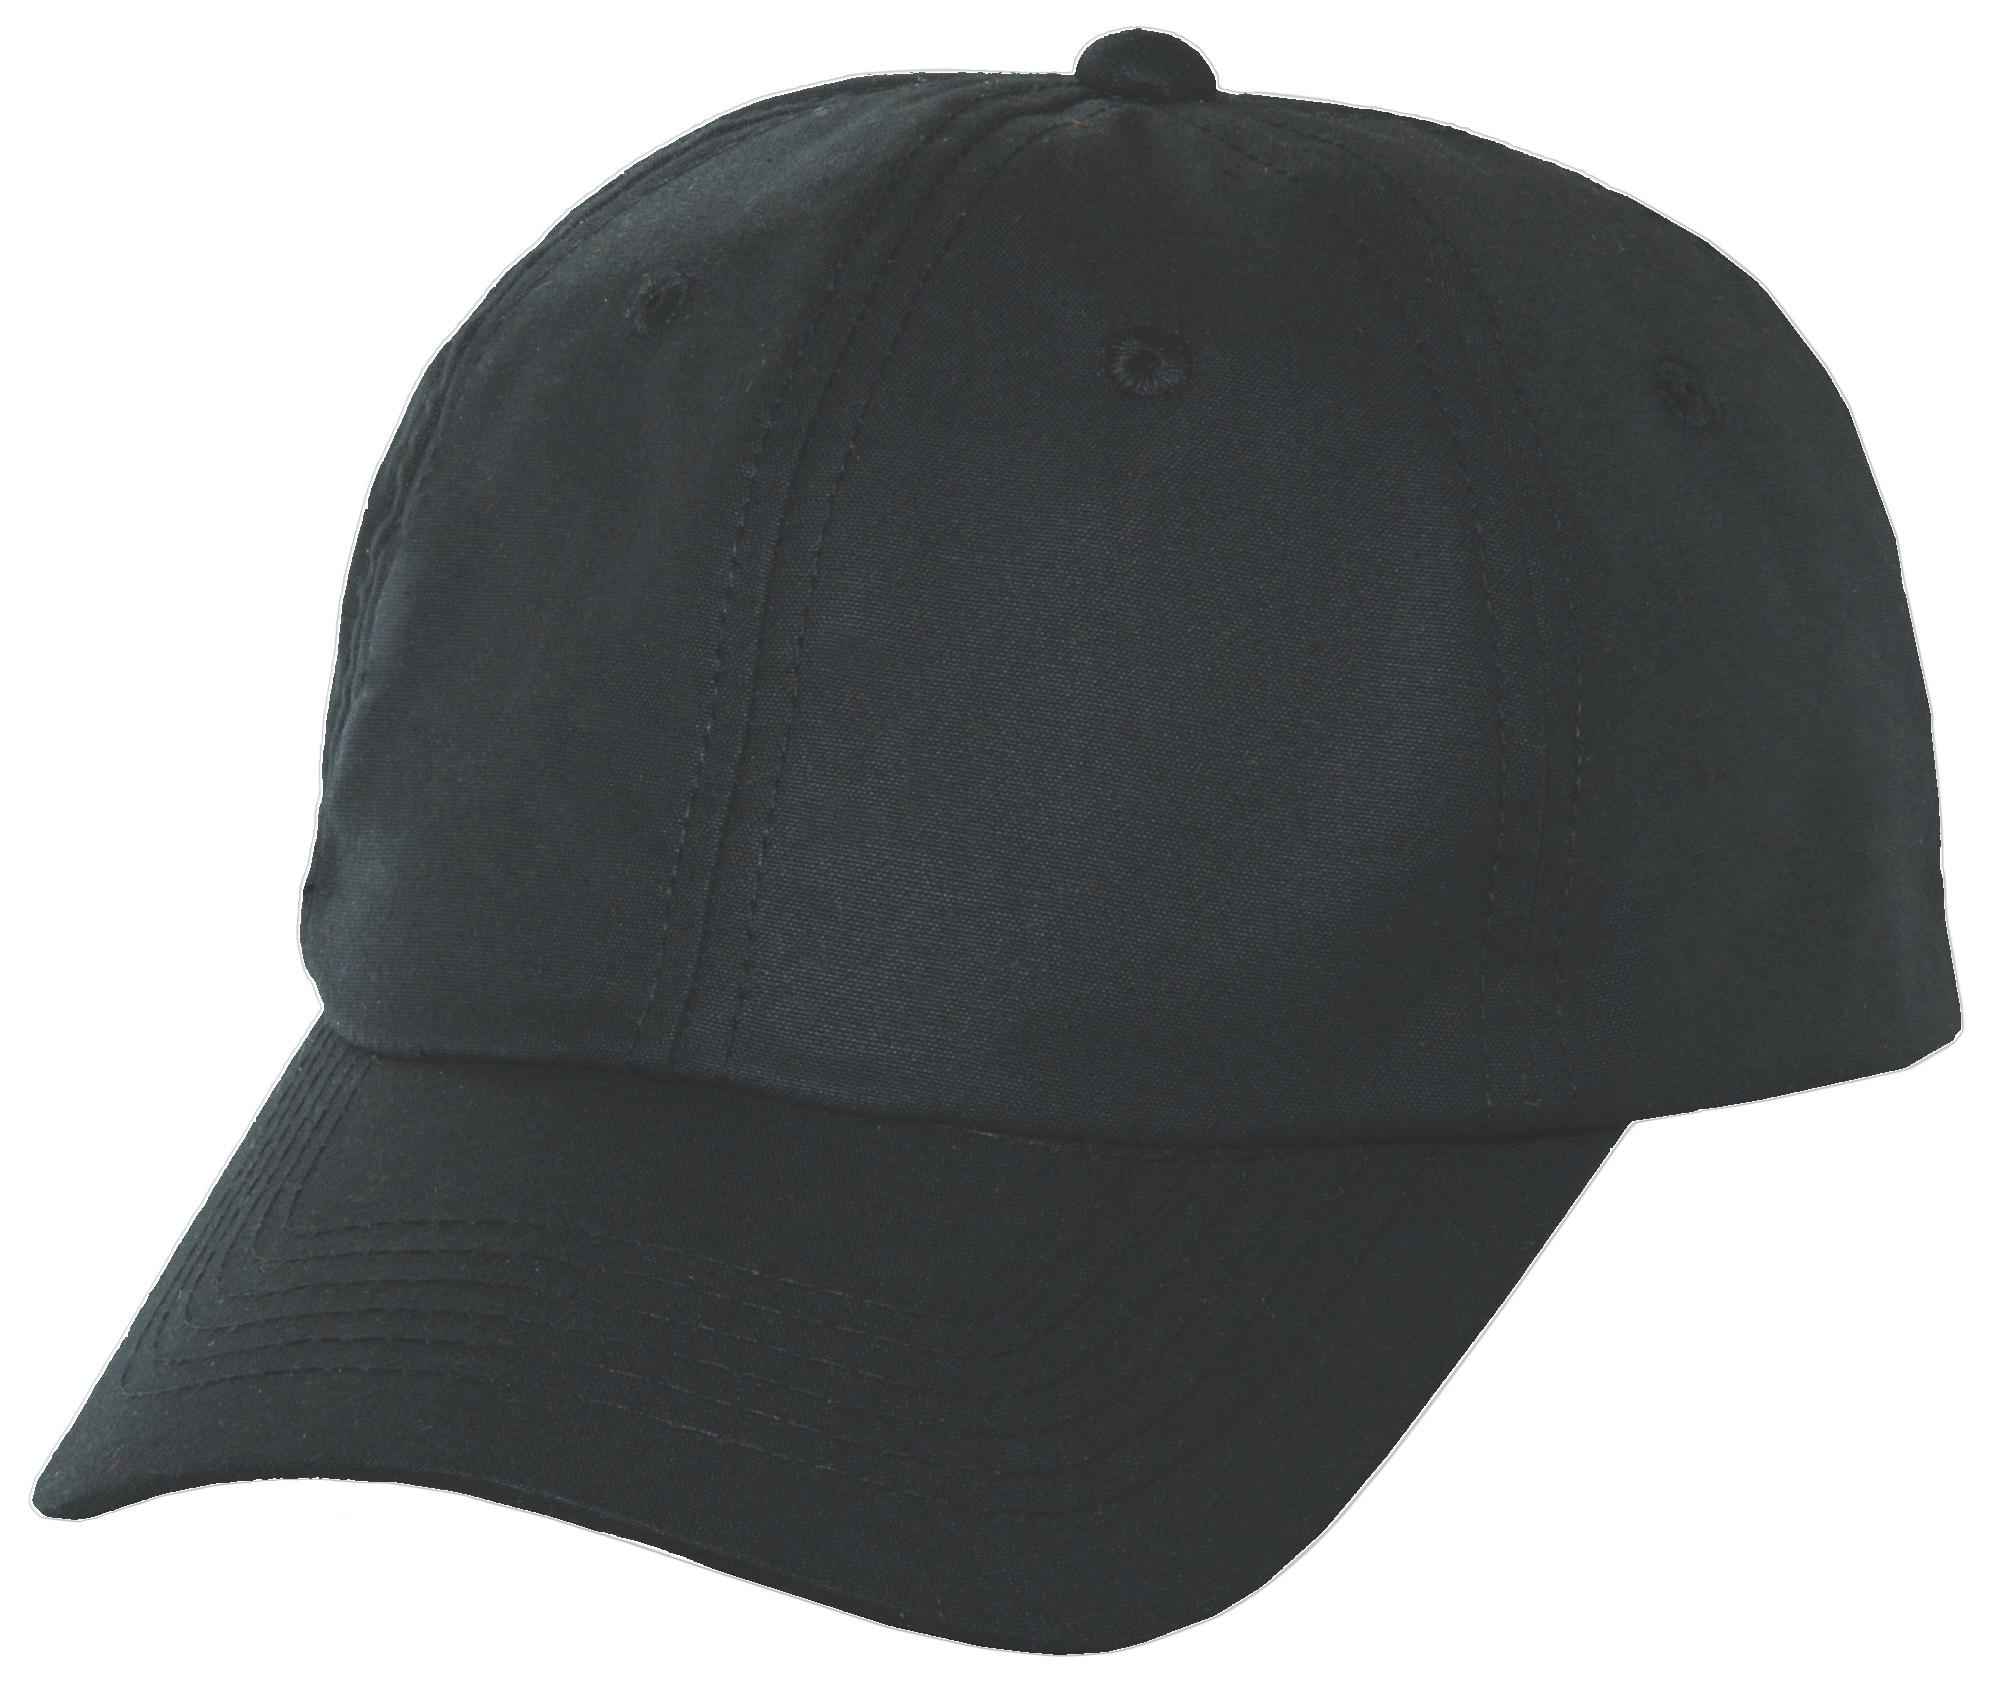 Black Oil Cloth Ball Cap e0e3d907f9f